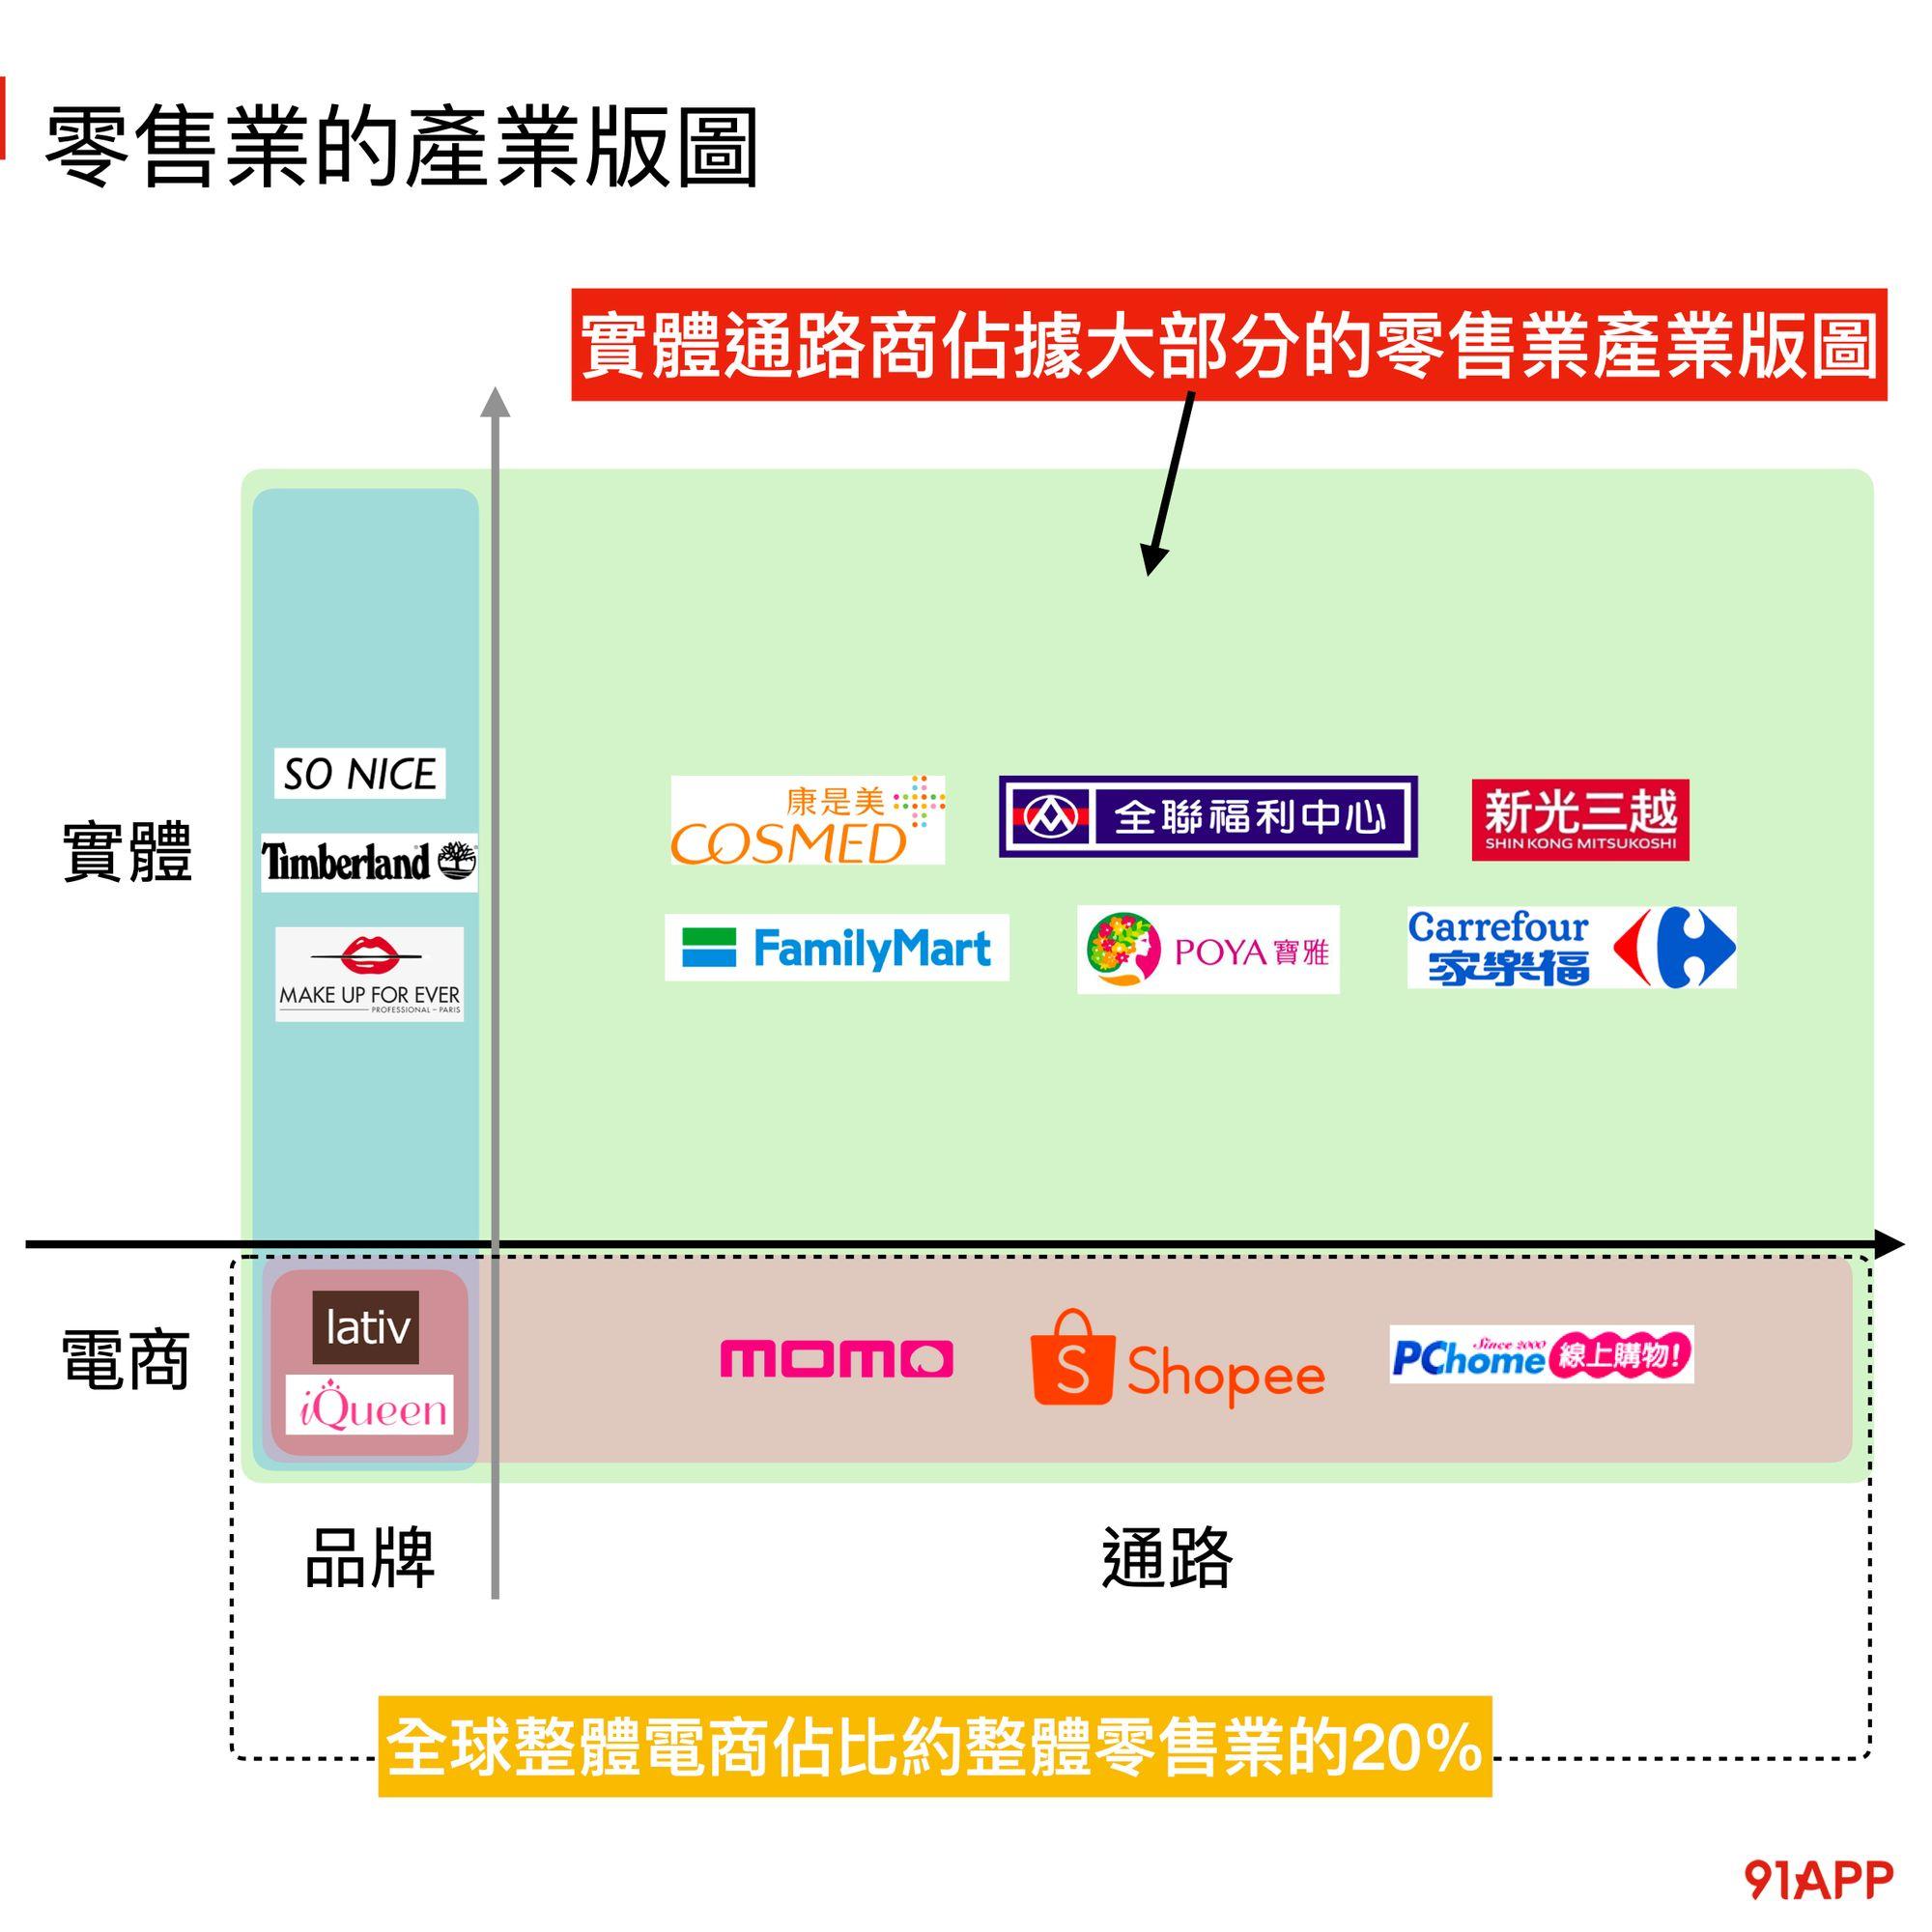 零售業的版圖 -品牌 vs 通路 電商 vs 實體門市